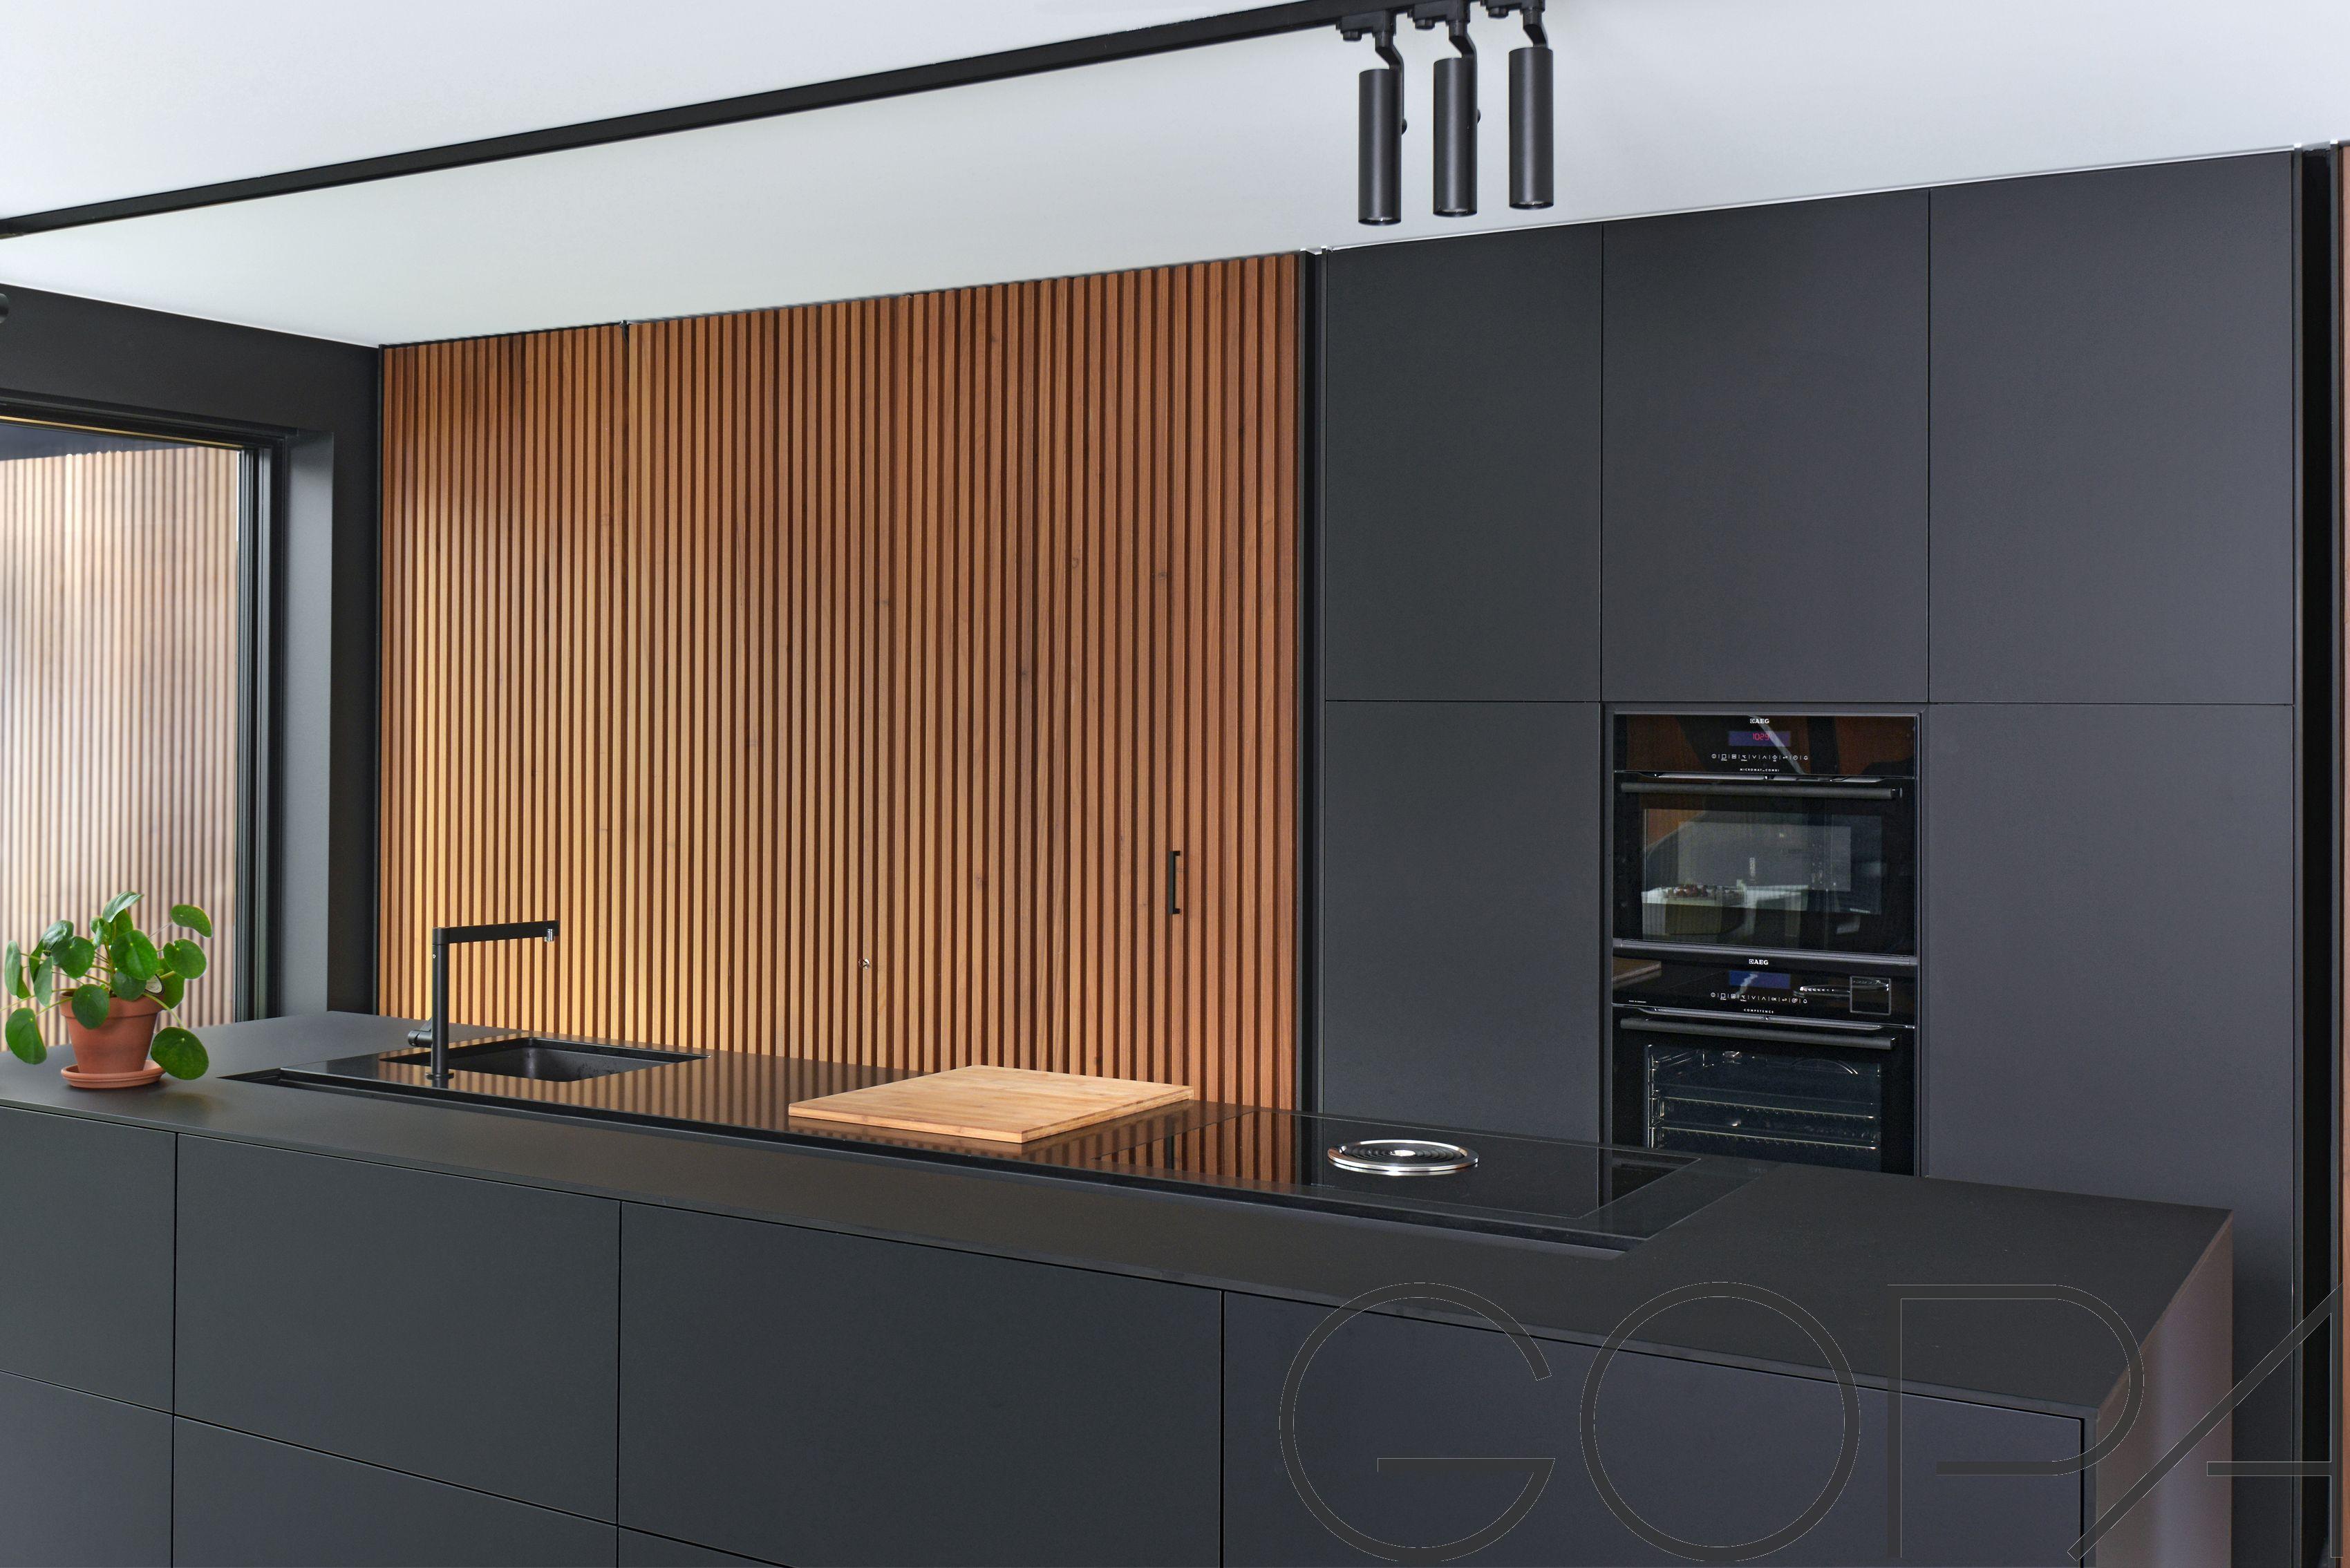 Strakke Zwarte Keuken : Trendy in mat zwart met aeg toestellen bora inductievuur en strakke